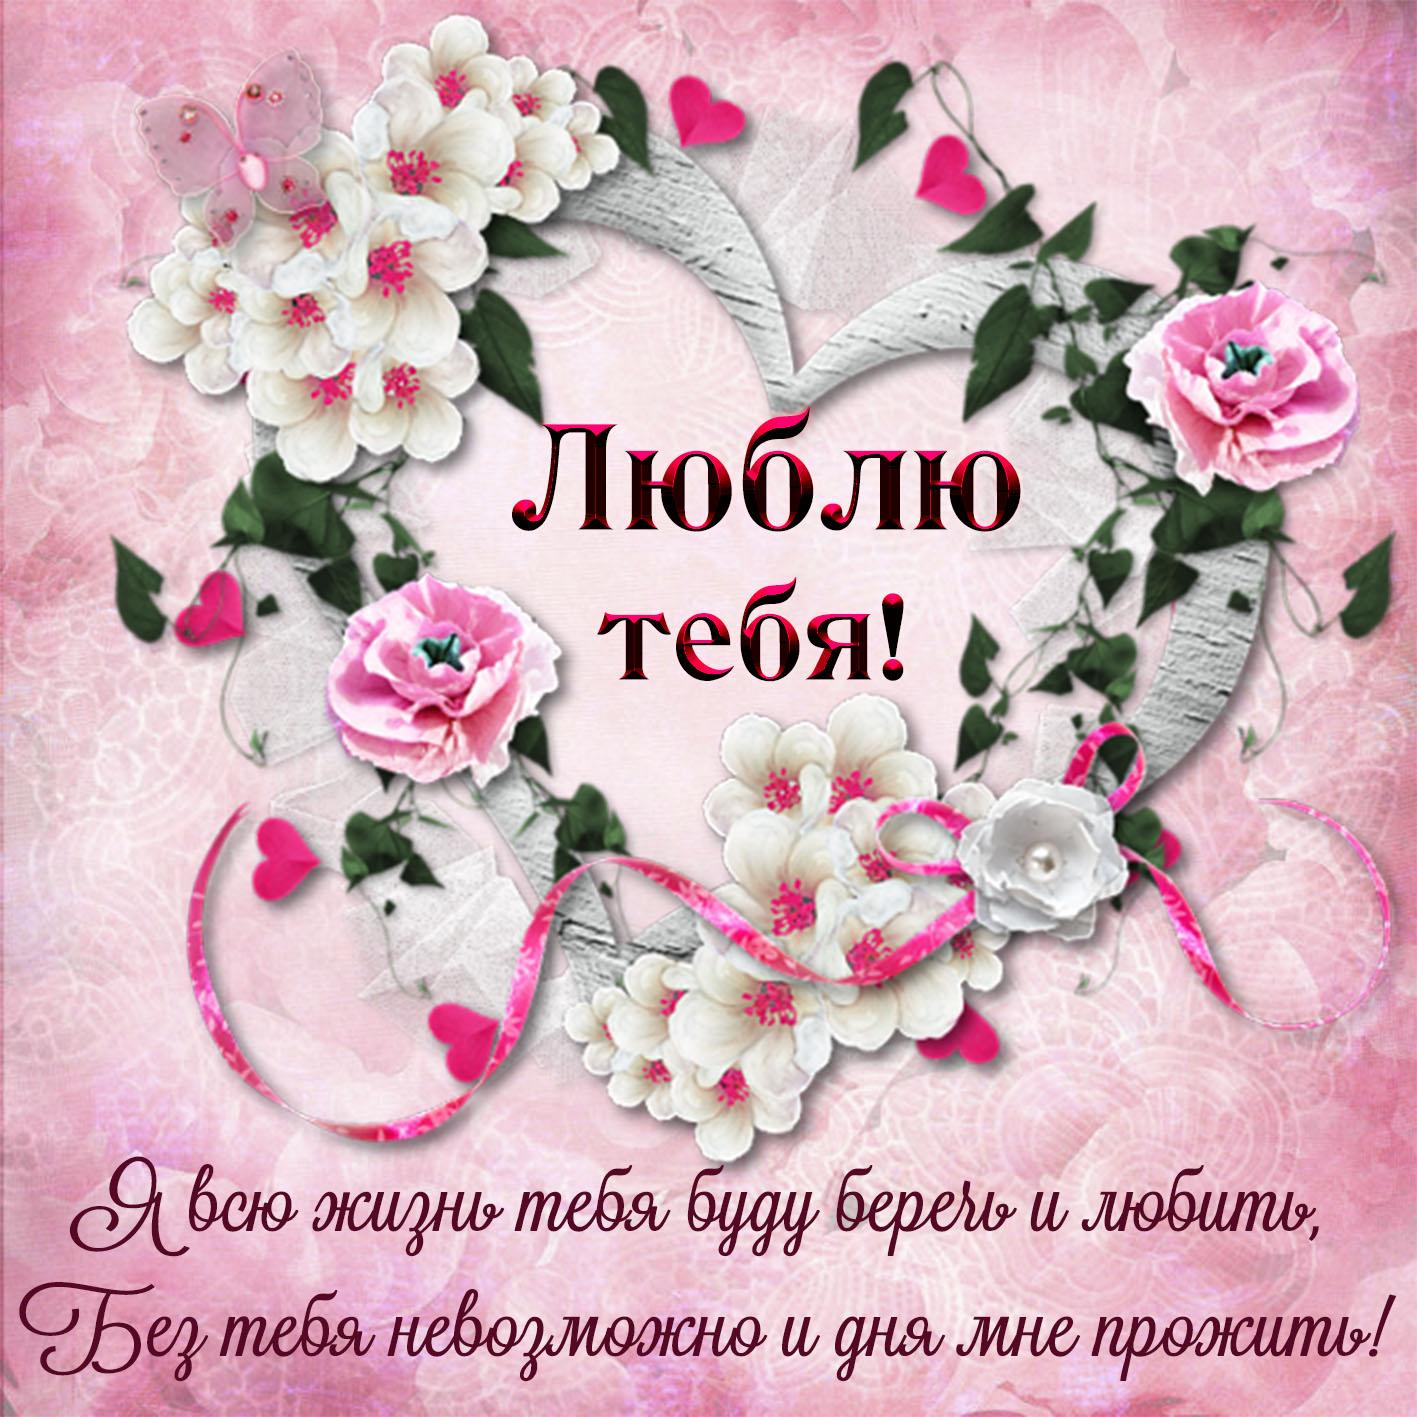 Картинка люблю тебя с сердечком из цветов